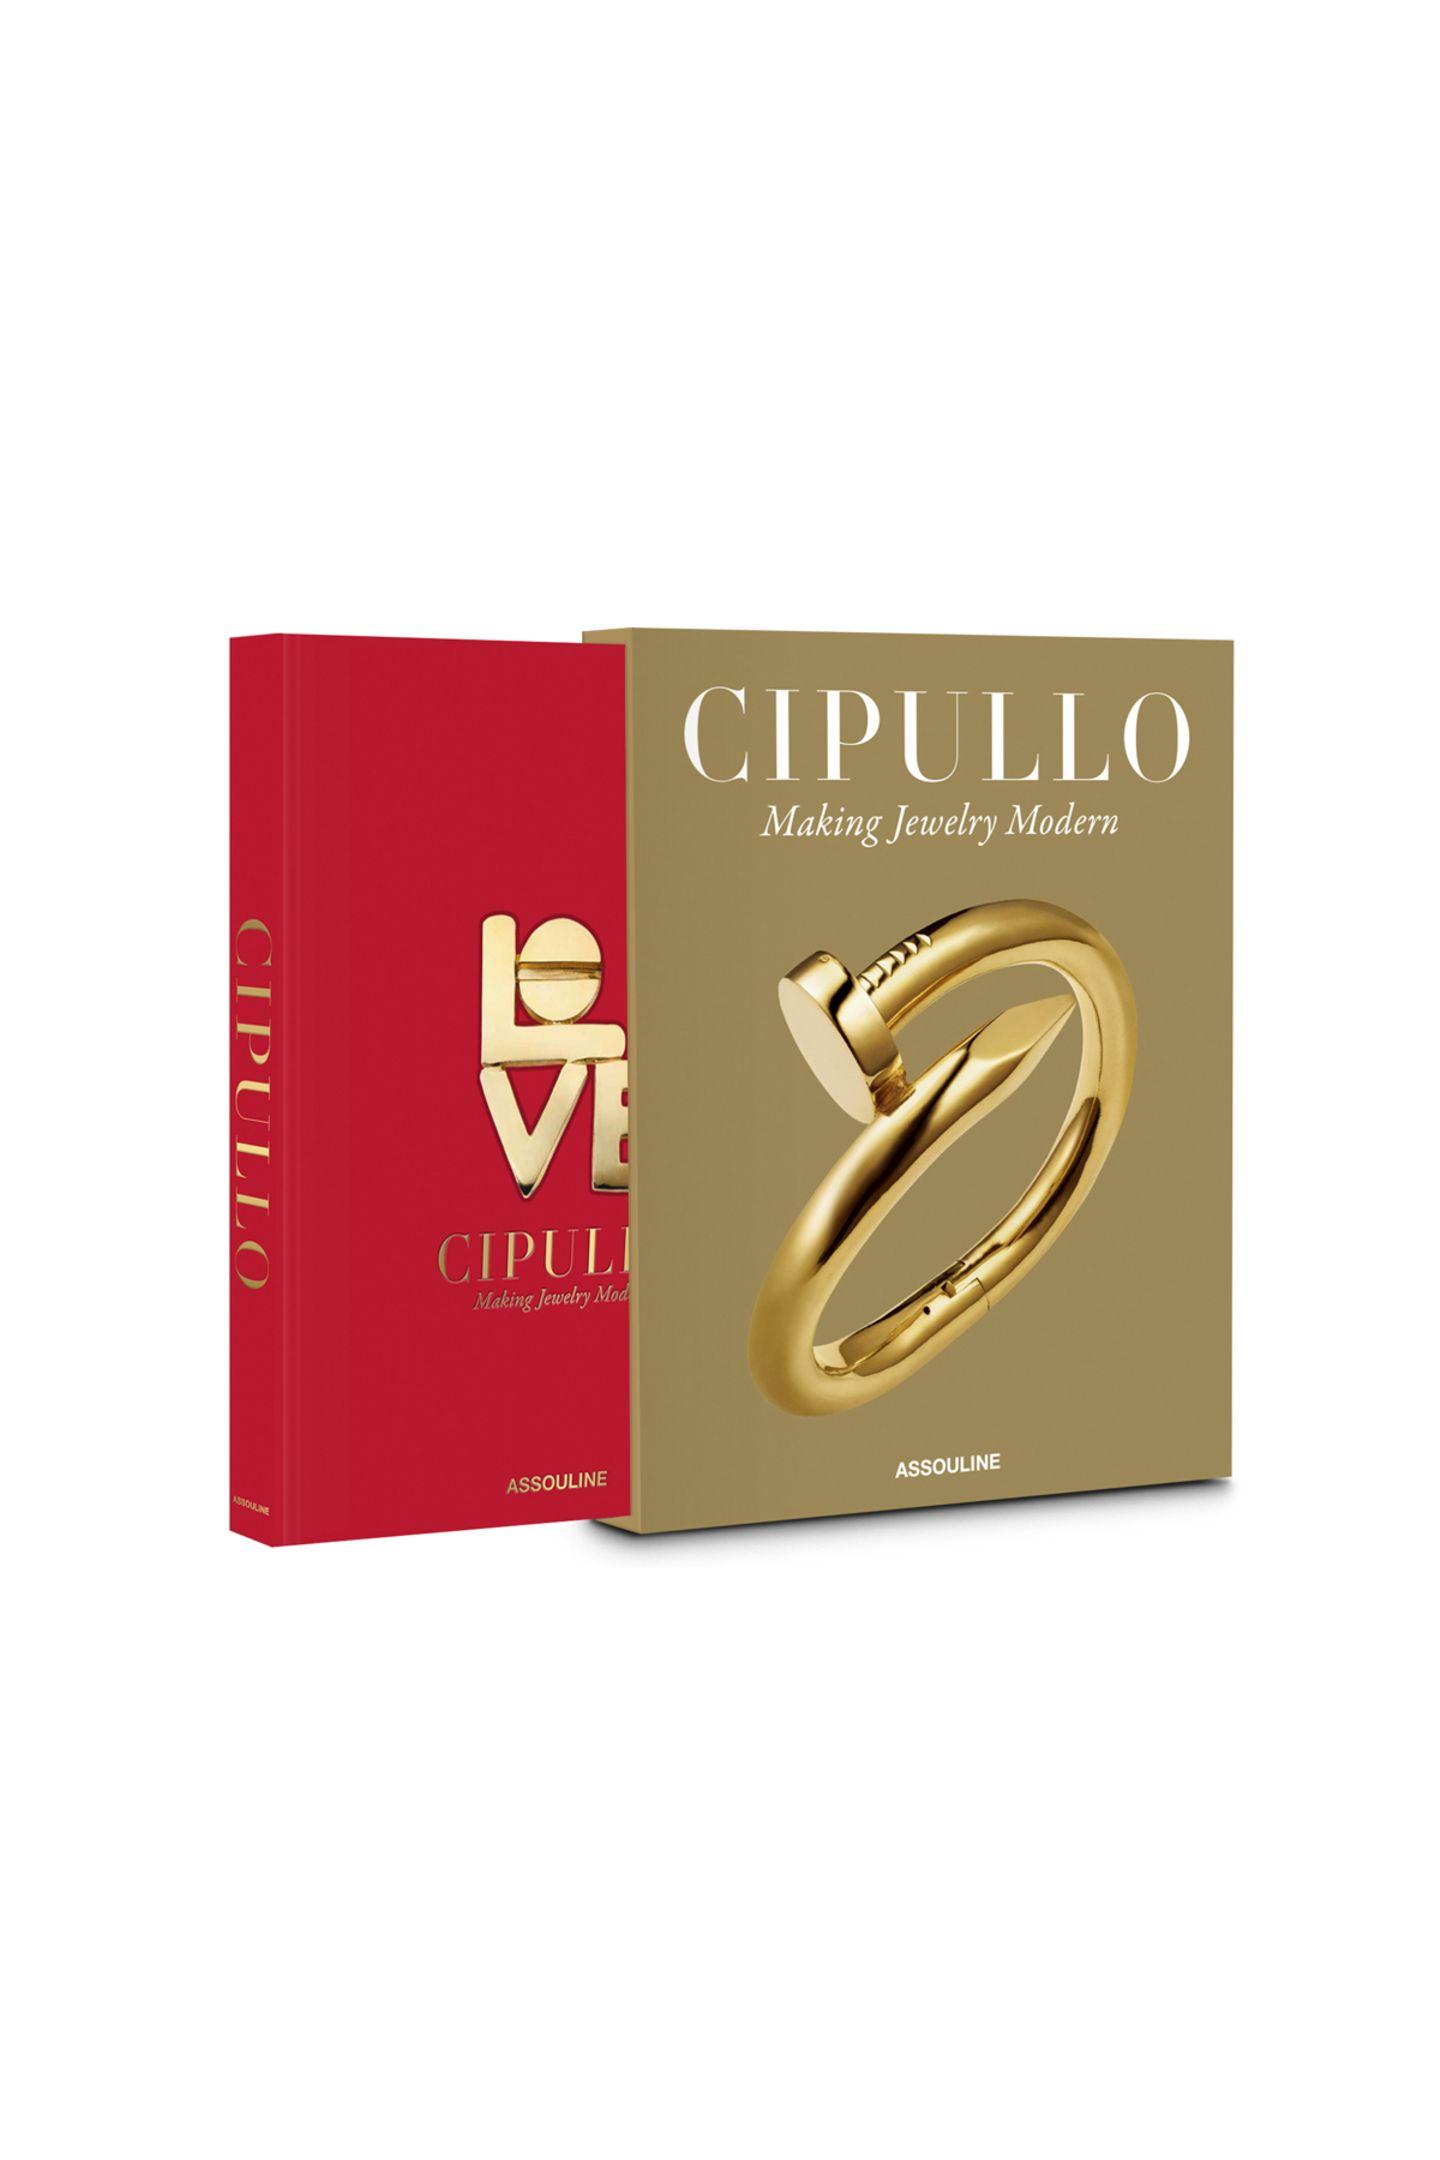 """Ehre, wem Ehre gebührtDer legendäre Schmuckdesigner Aldo Cipullo erschuf Ikonen, die bis heute begeistern. Ein umfangreiches und bildgewaltiges Buchehrt nun seinLebenswerk. """"Making Jewelry Modern"""" von Renato Cipullo, ca. 195 Euro (erschienen imAssouline Verlag)"""